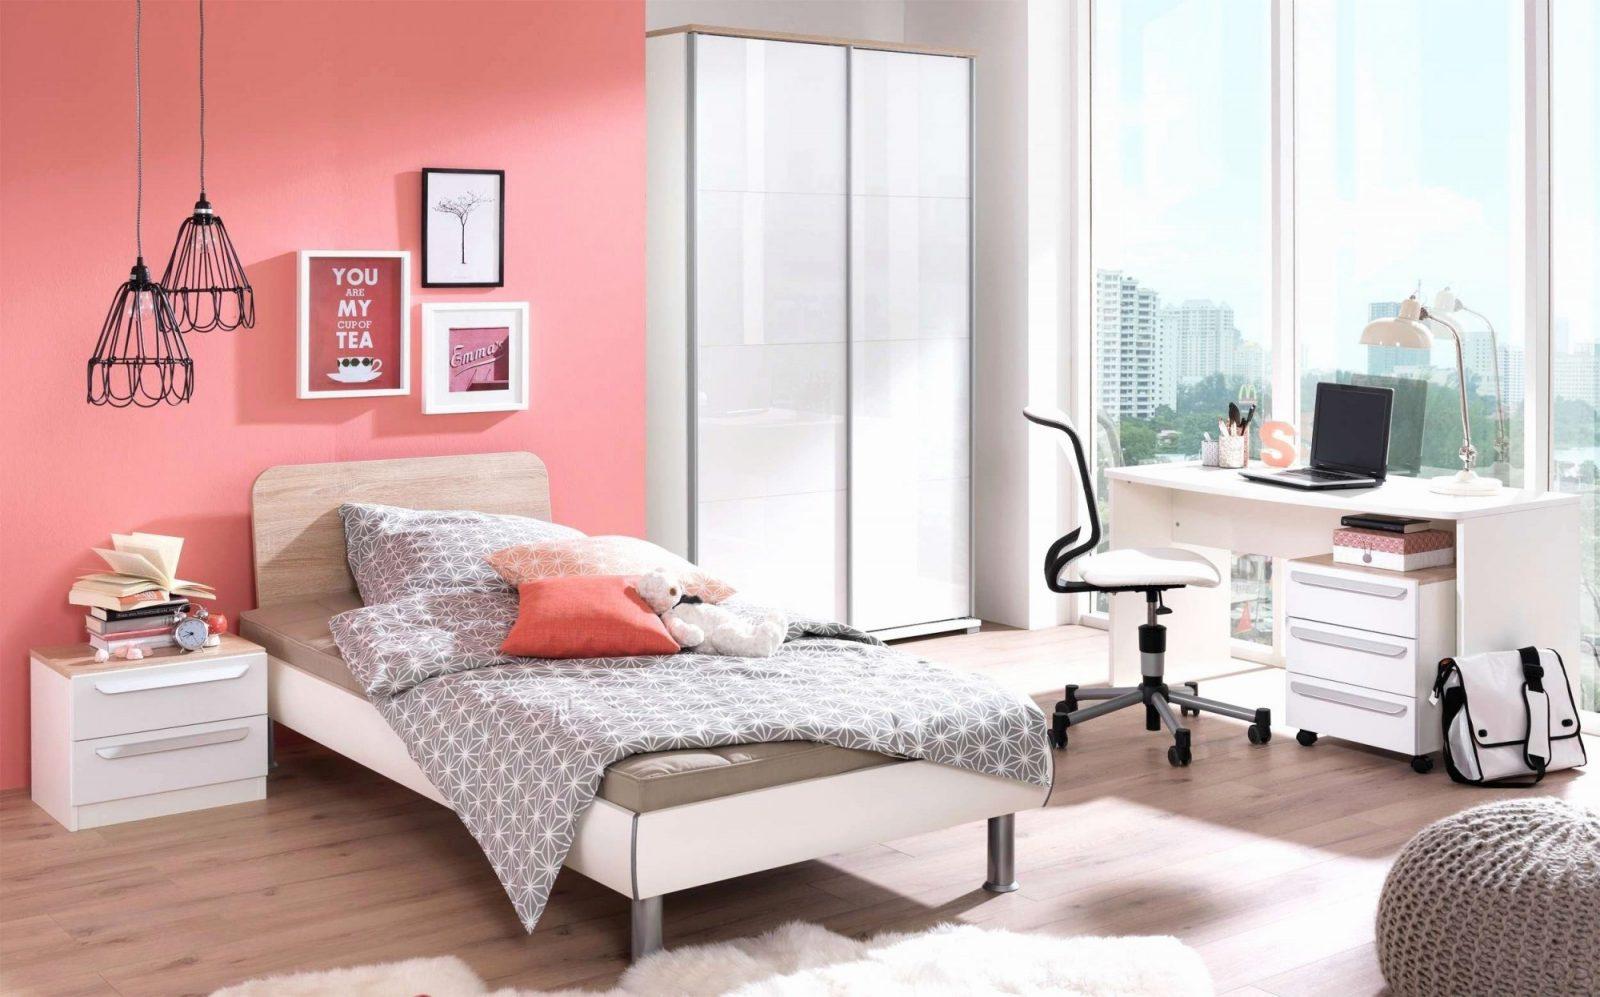 Uniek Schlafzimmer Ideen Kleine Räume  Inewhomesearch von Schlafzimmer Ideen Kleine Räume Bild